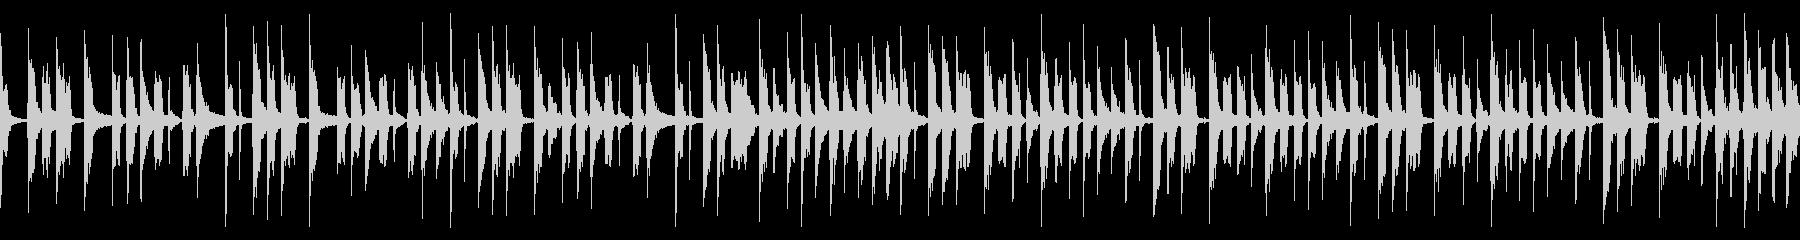 シンプルなベースループの未再生の波形